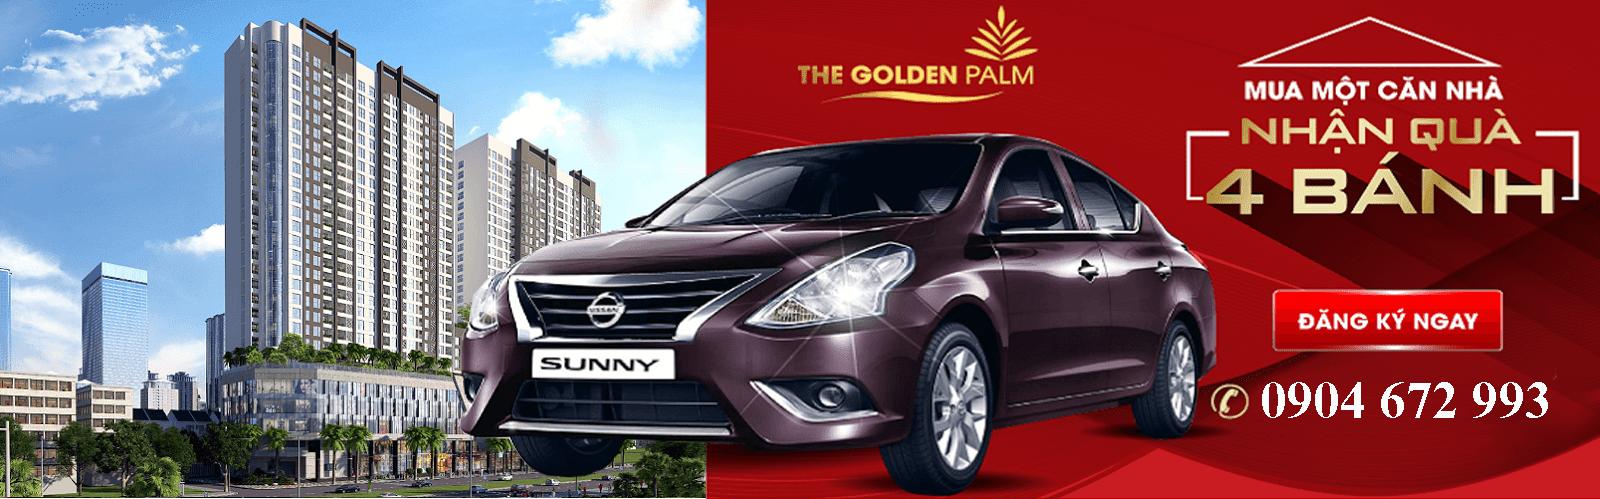 Mở bán dự án chung cư The Golden Palm